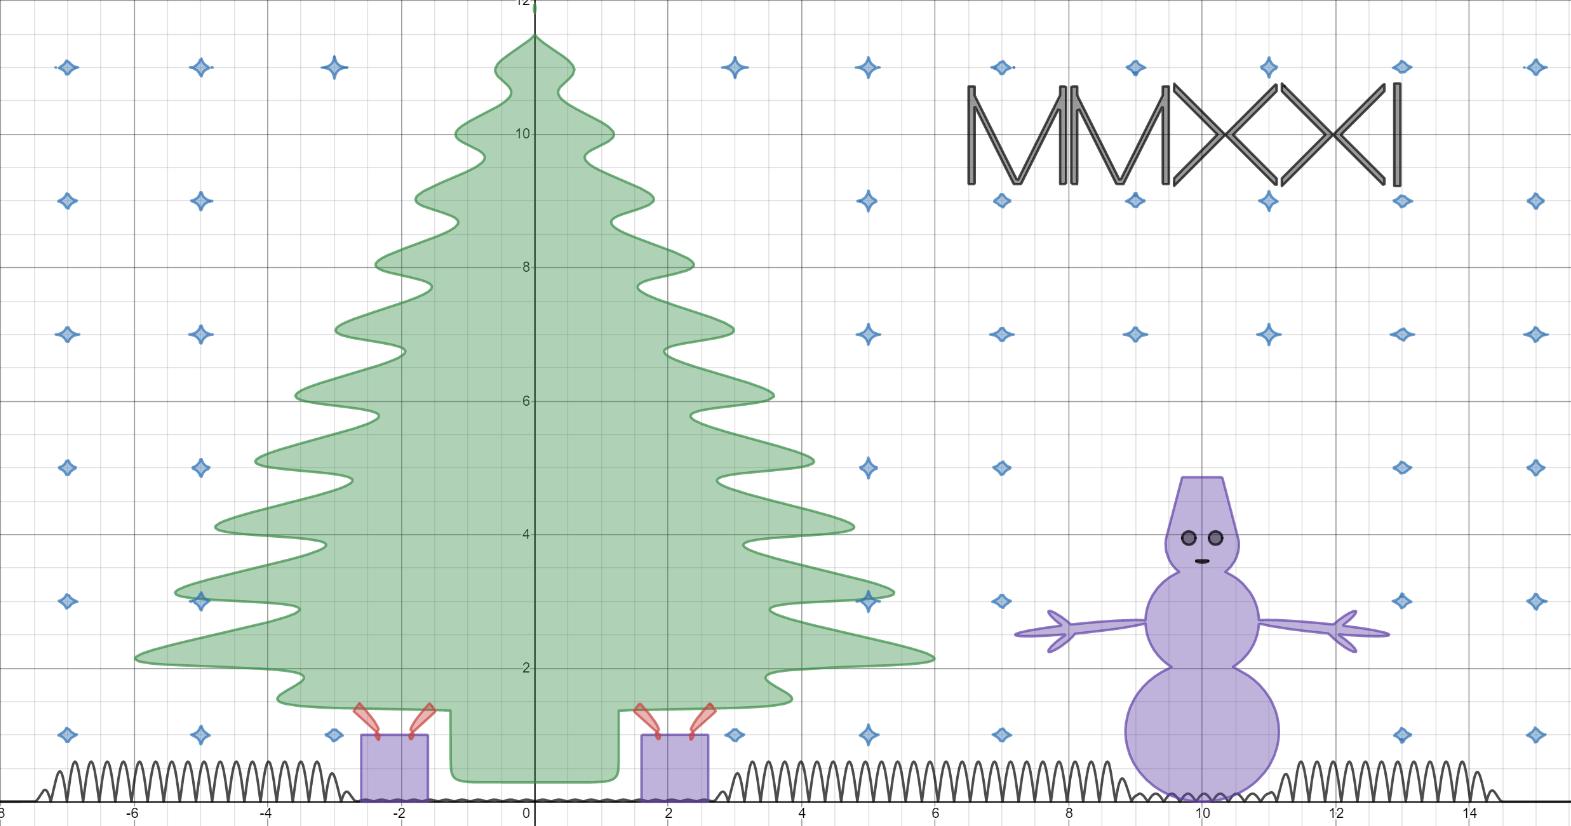 Как сделать ёлку, если ты математик - 1